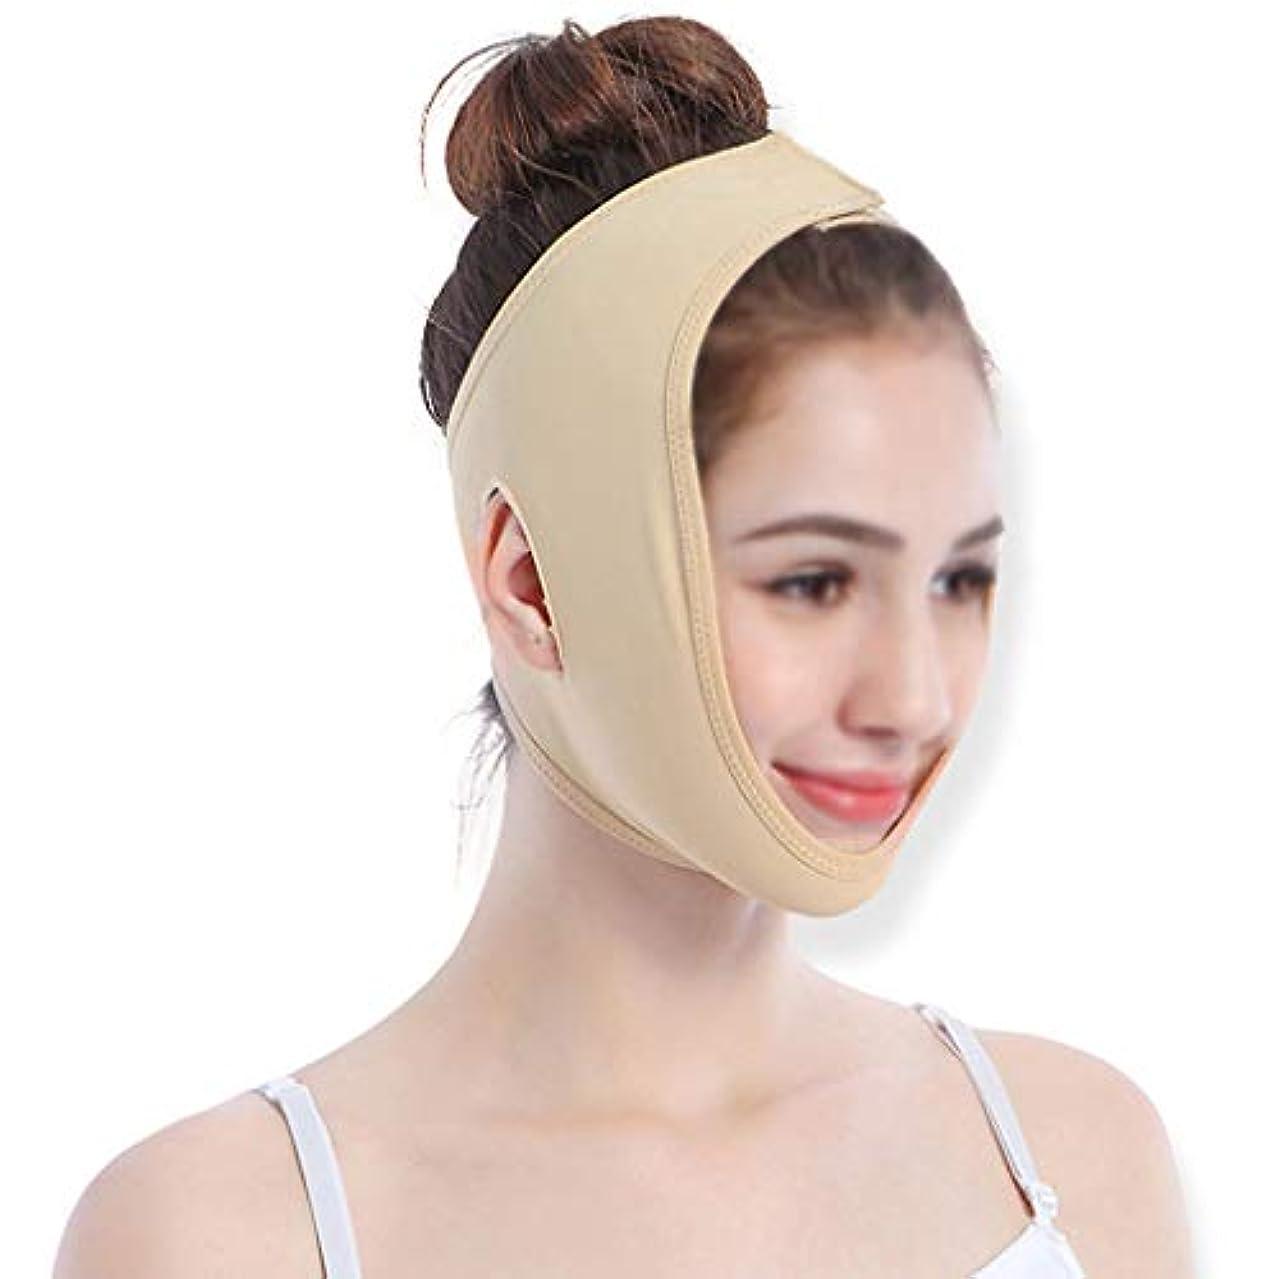 征服者疼痛相談GLJJQMY スリムな包帯V顔の顔のアーティファクトは、女性と女性のための繊細な顔のしわ防止フェイシャルツールを向上させます 顔用整形マスク (Size : M)